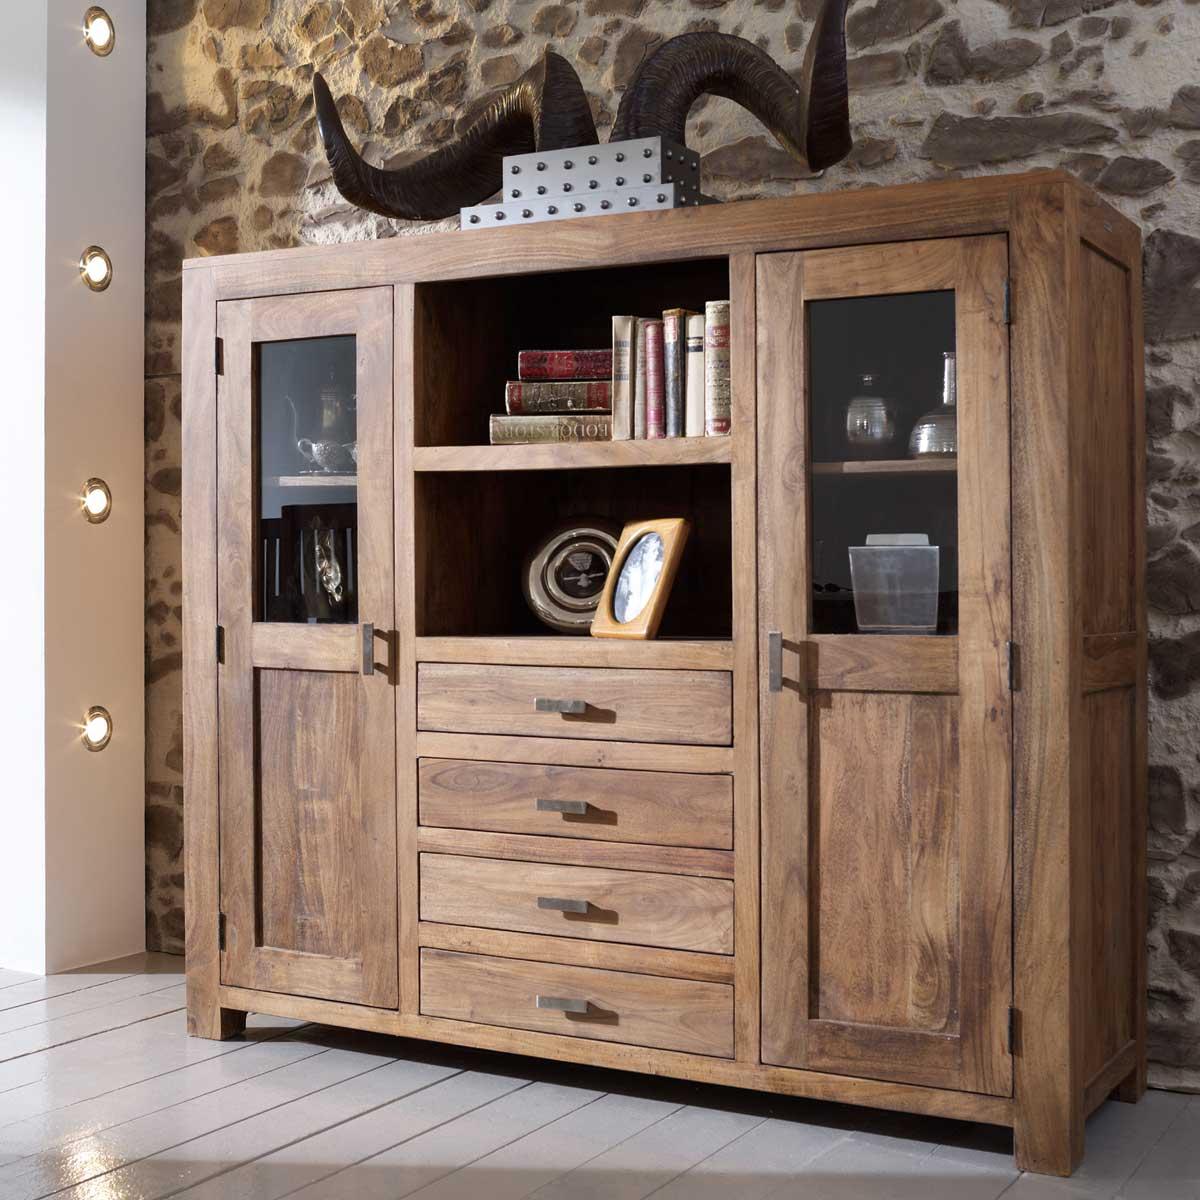 massivholz highboard guru 6627 von wolf m bel akazie kommode stone ebay. Black Bedroom Furniture Sets. Home Design Ideas